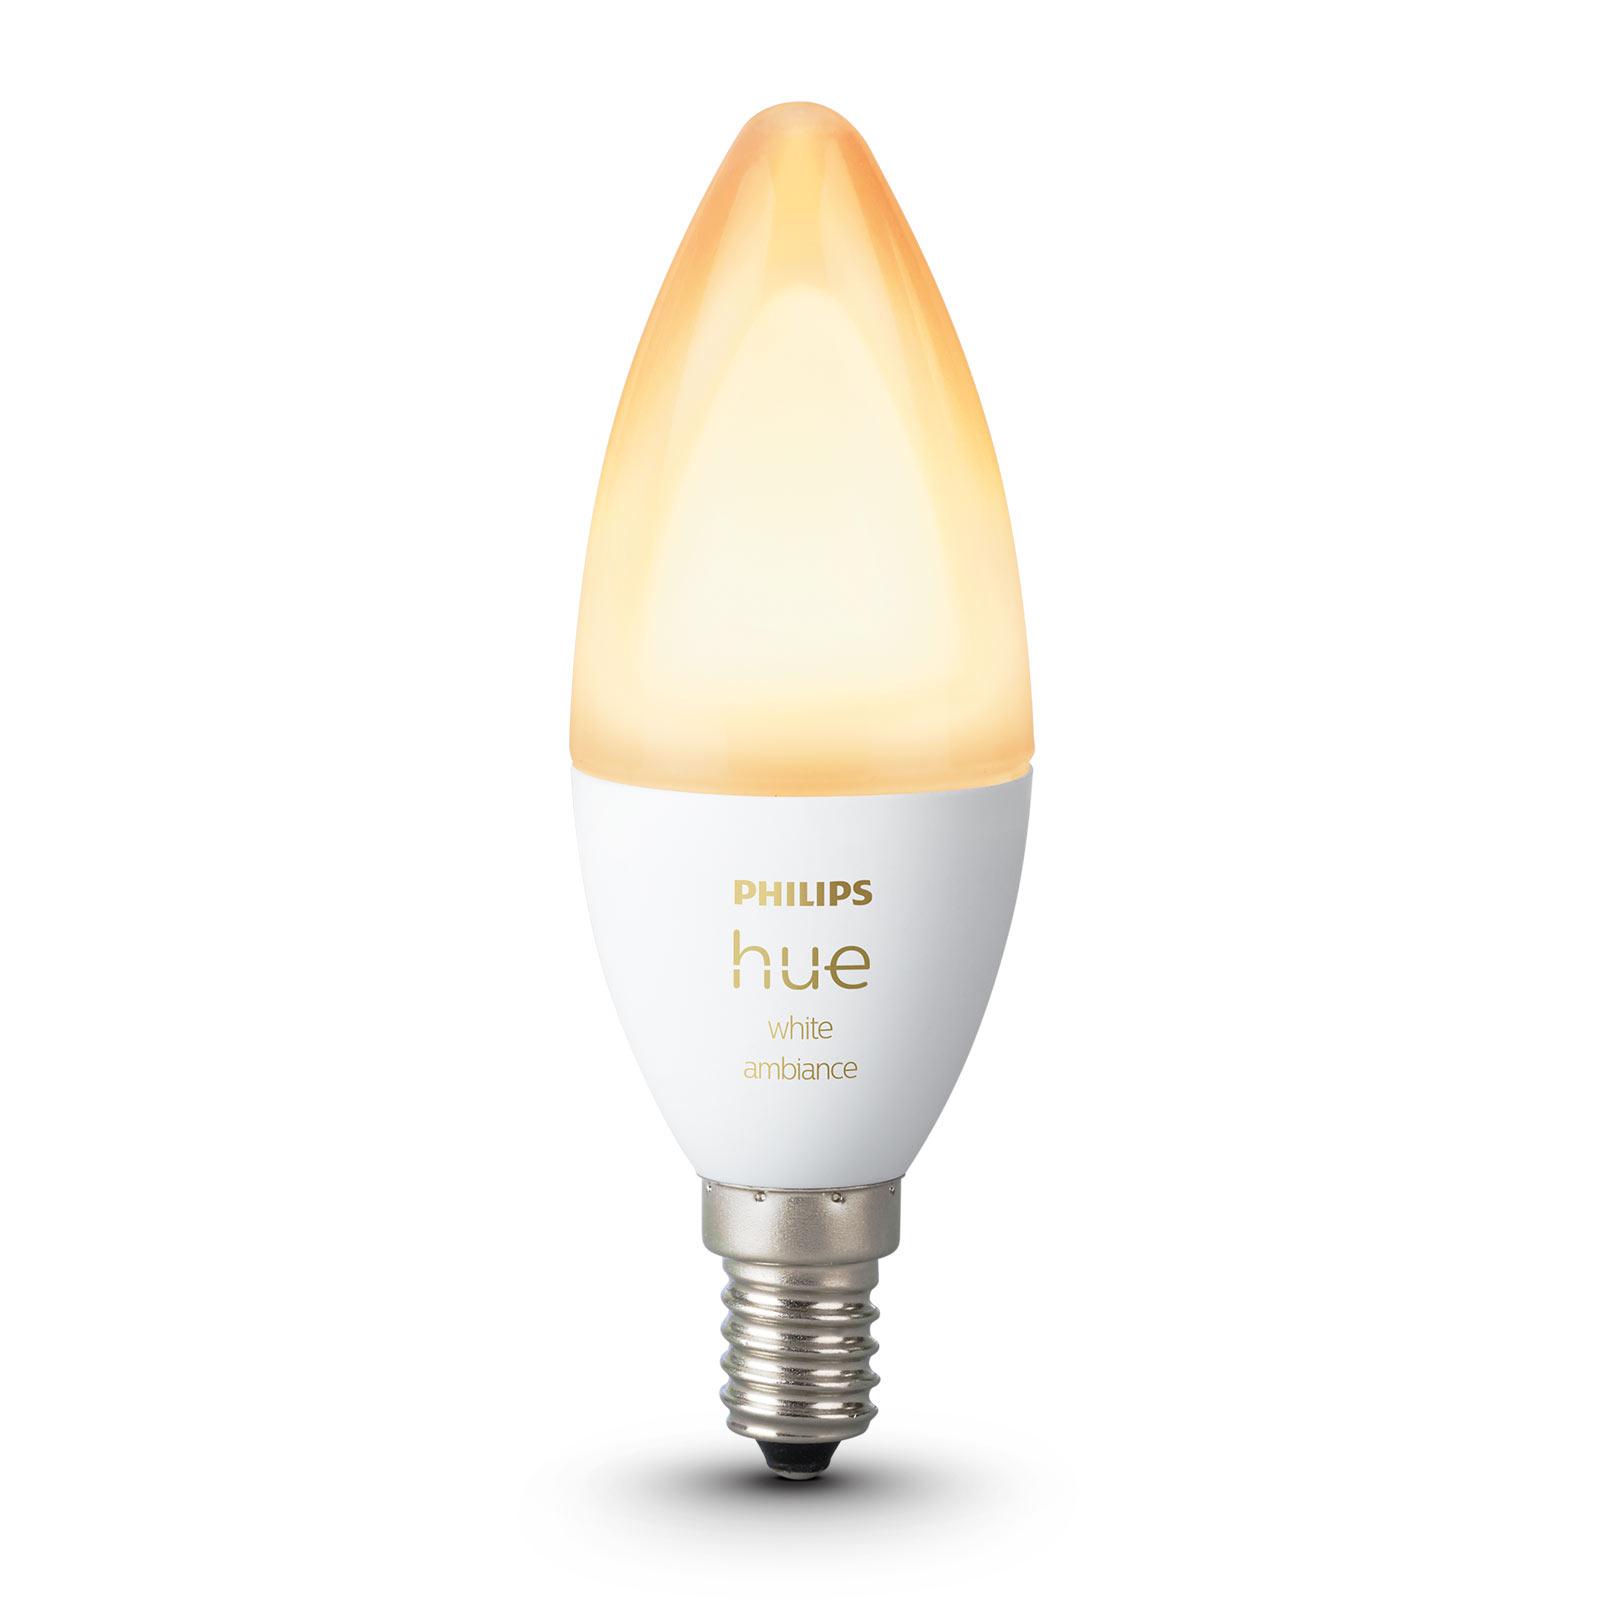 Philips Hue kronljuslampa White Ambiance E14 5,2W